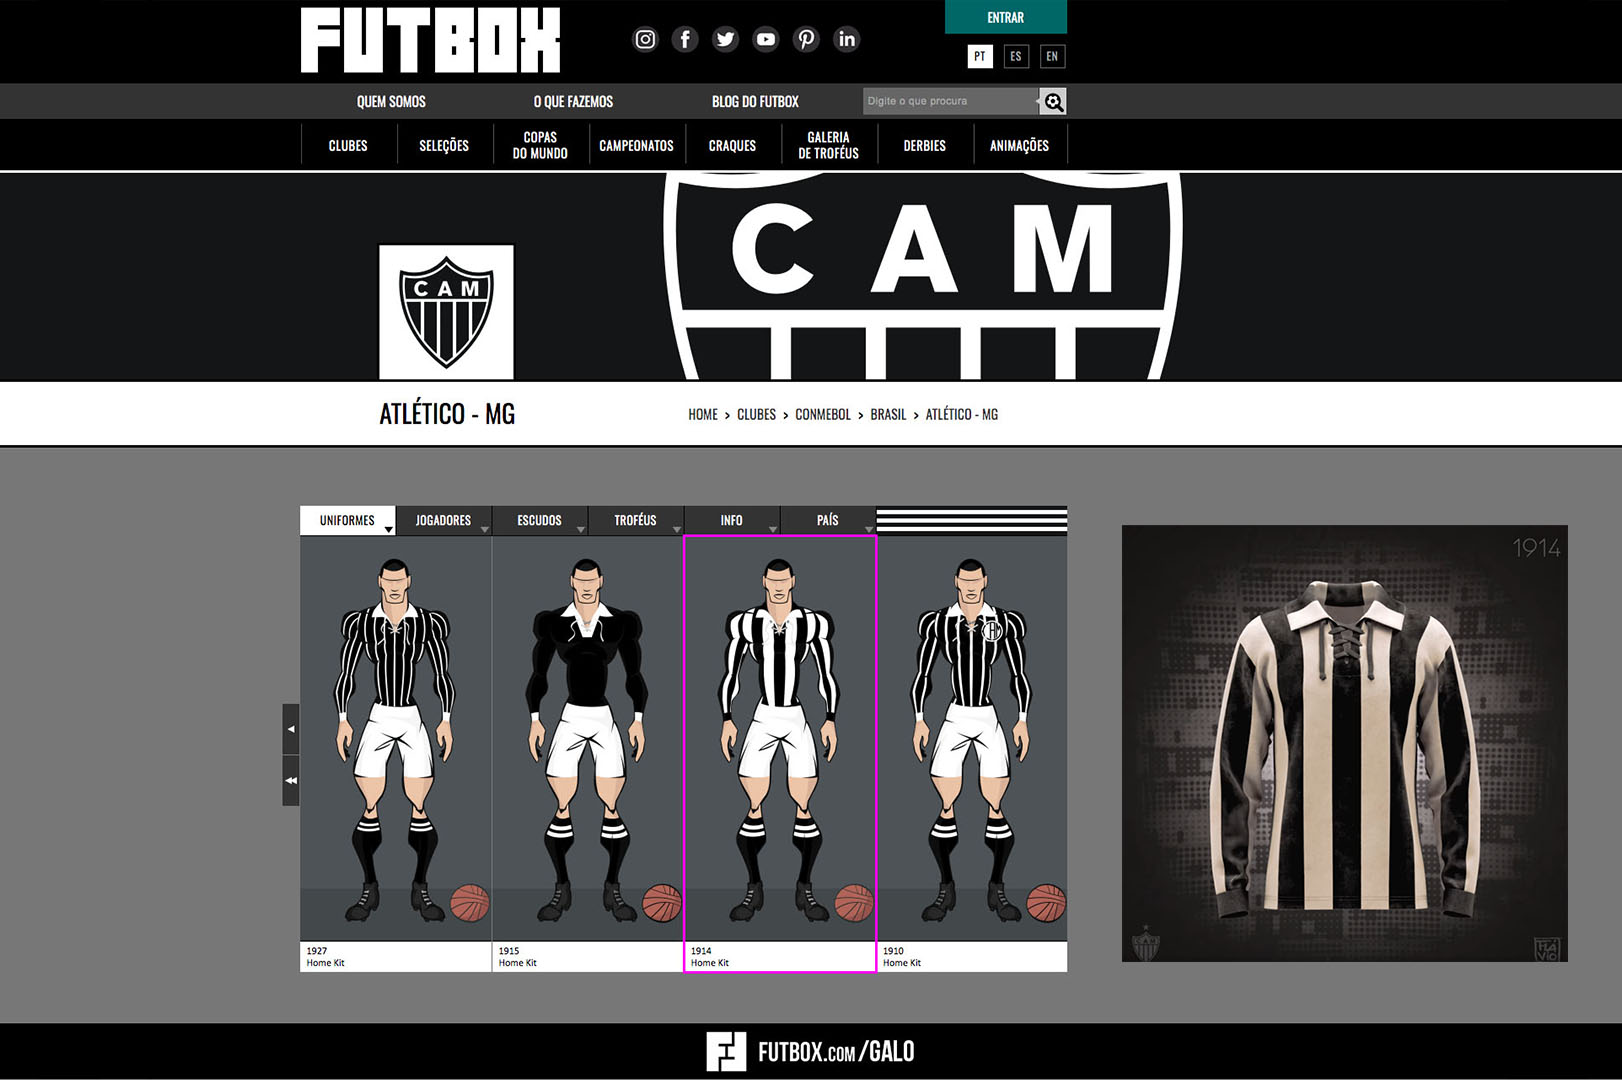 Página do Atlético-MG no portal Futbox.com e a imagem da camisa que serviu de referência para o NFT do clube